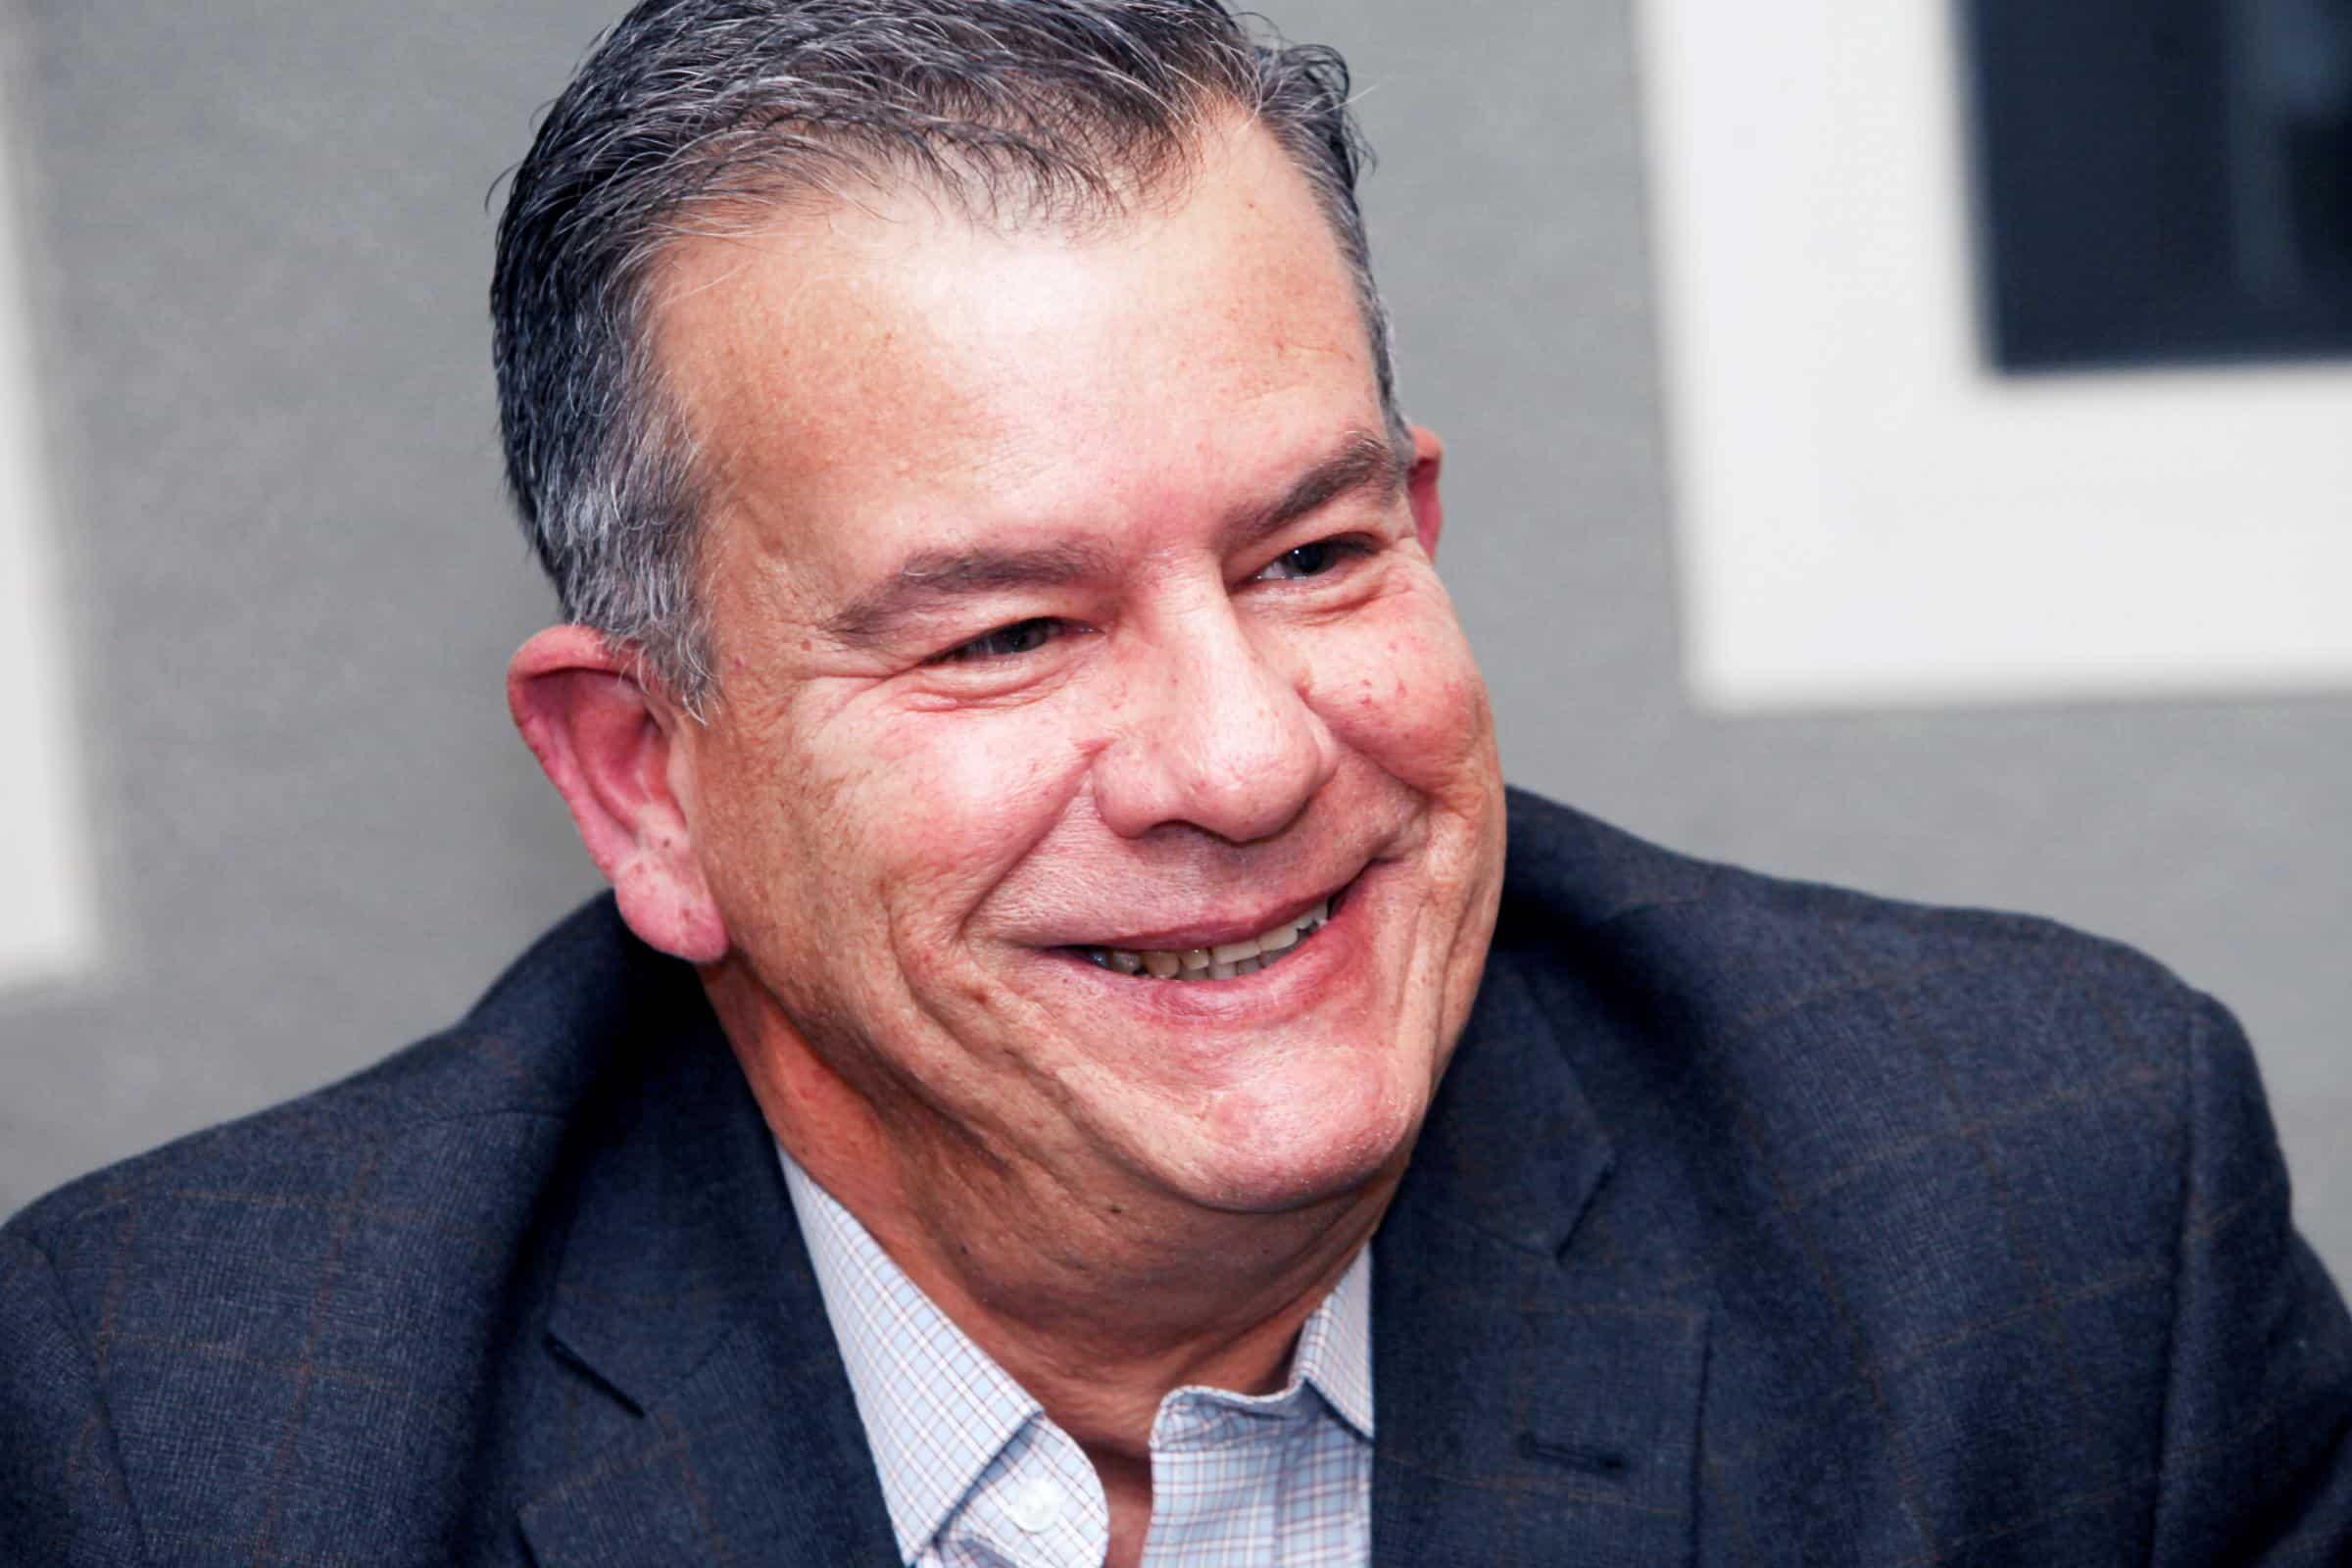 CTLN Opinion+: Luis B. Perez